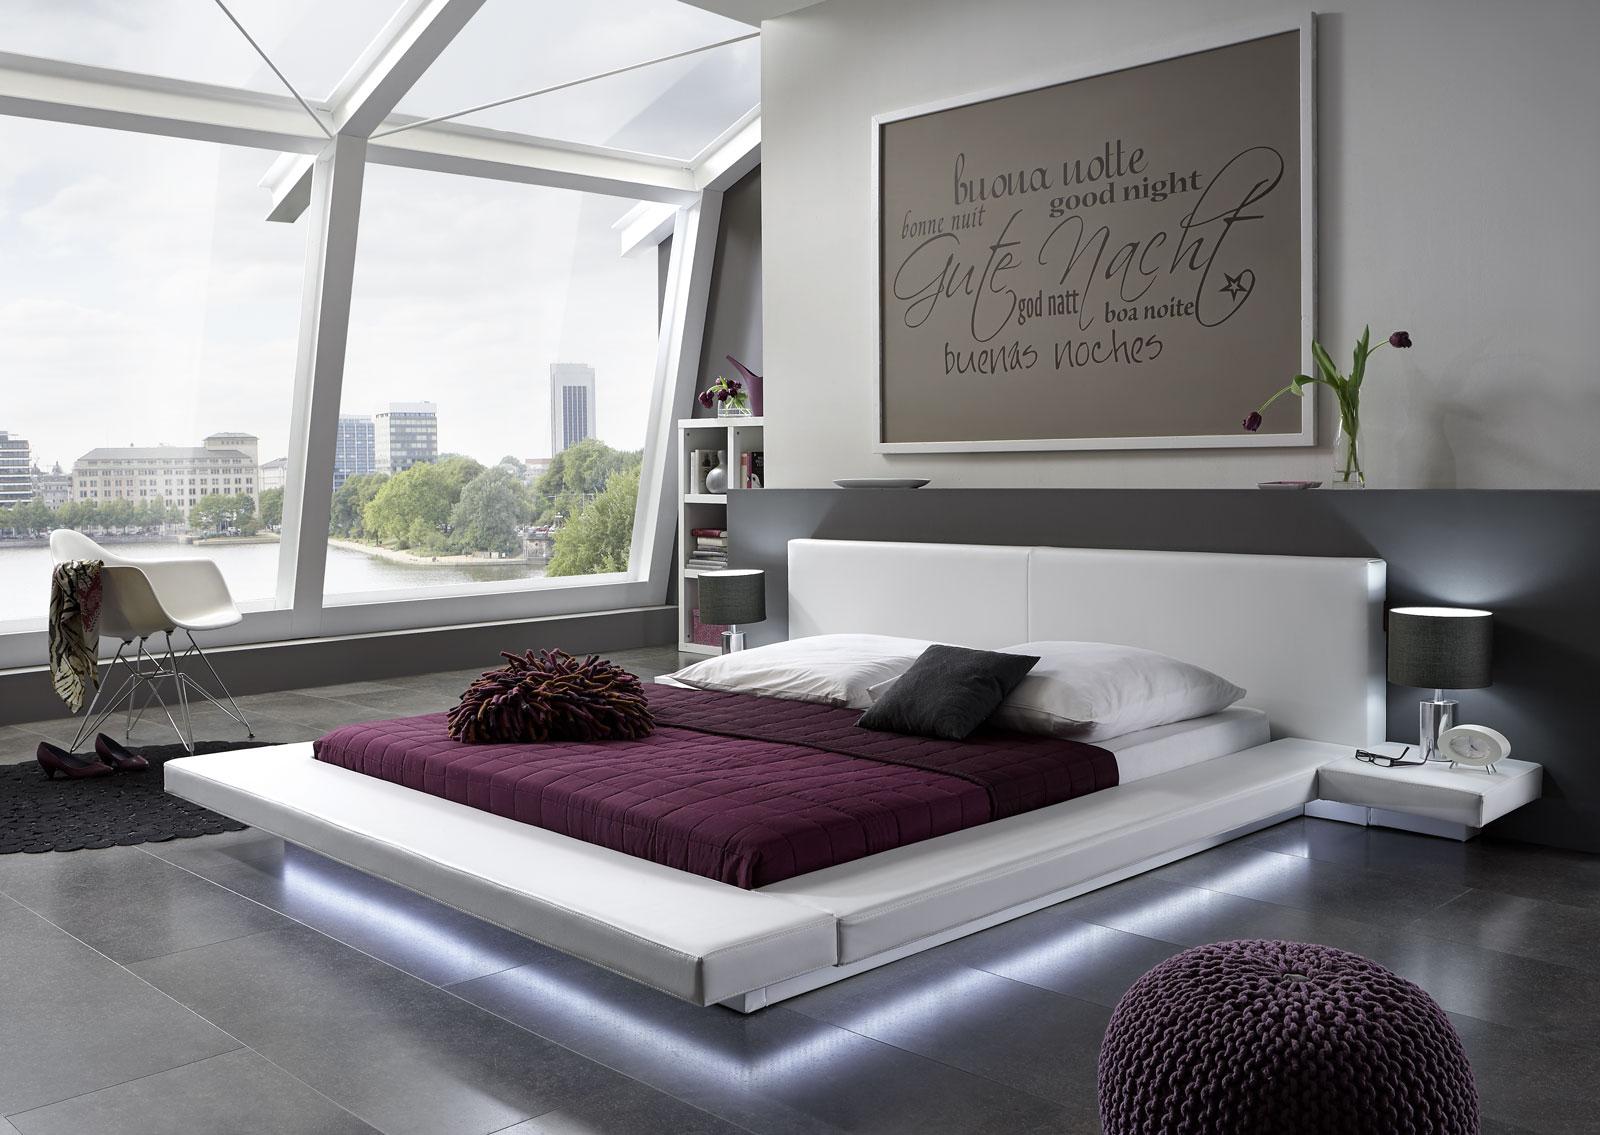 Full Size of Polsterbett 200x220 Wasserbetten Europacom Euro Perla 200 220 Cm Weiss Bett Betten Wohnzimmer Polsterbett 200x220